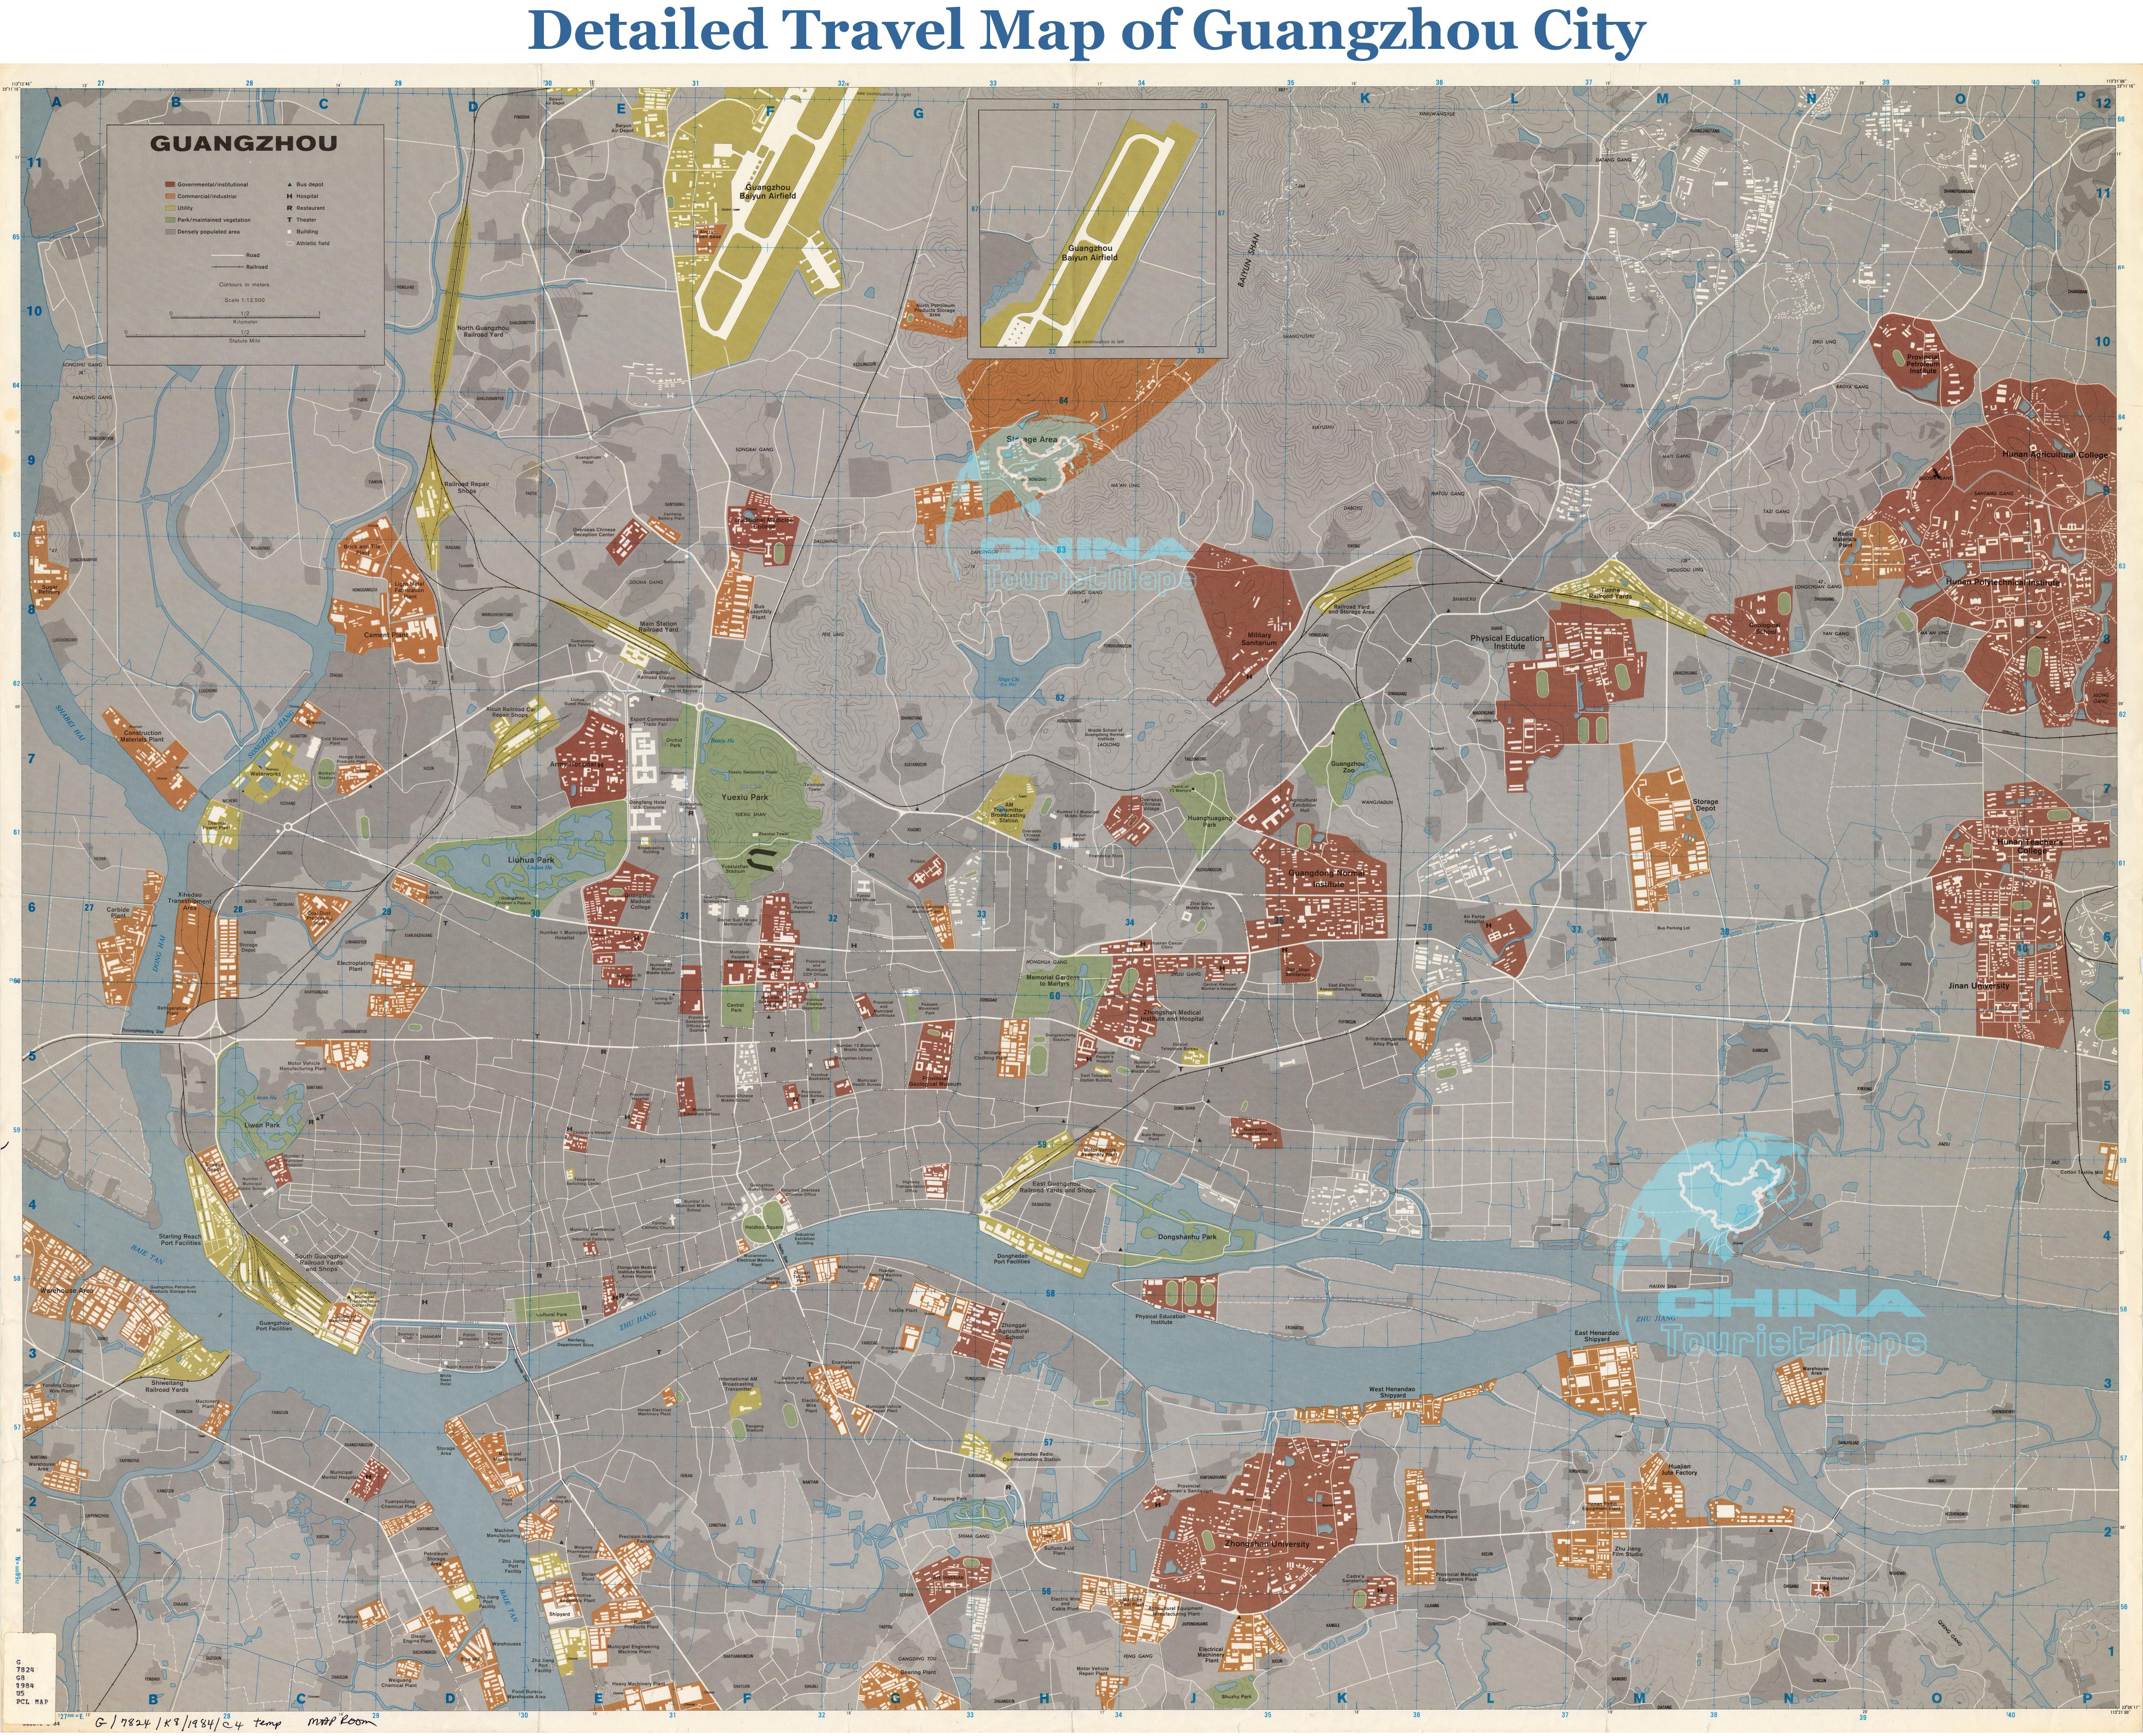 Guangzhou Maps Detailed China Guangzhou Attraction - Guangzhou map